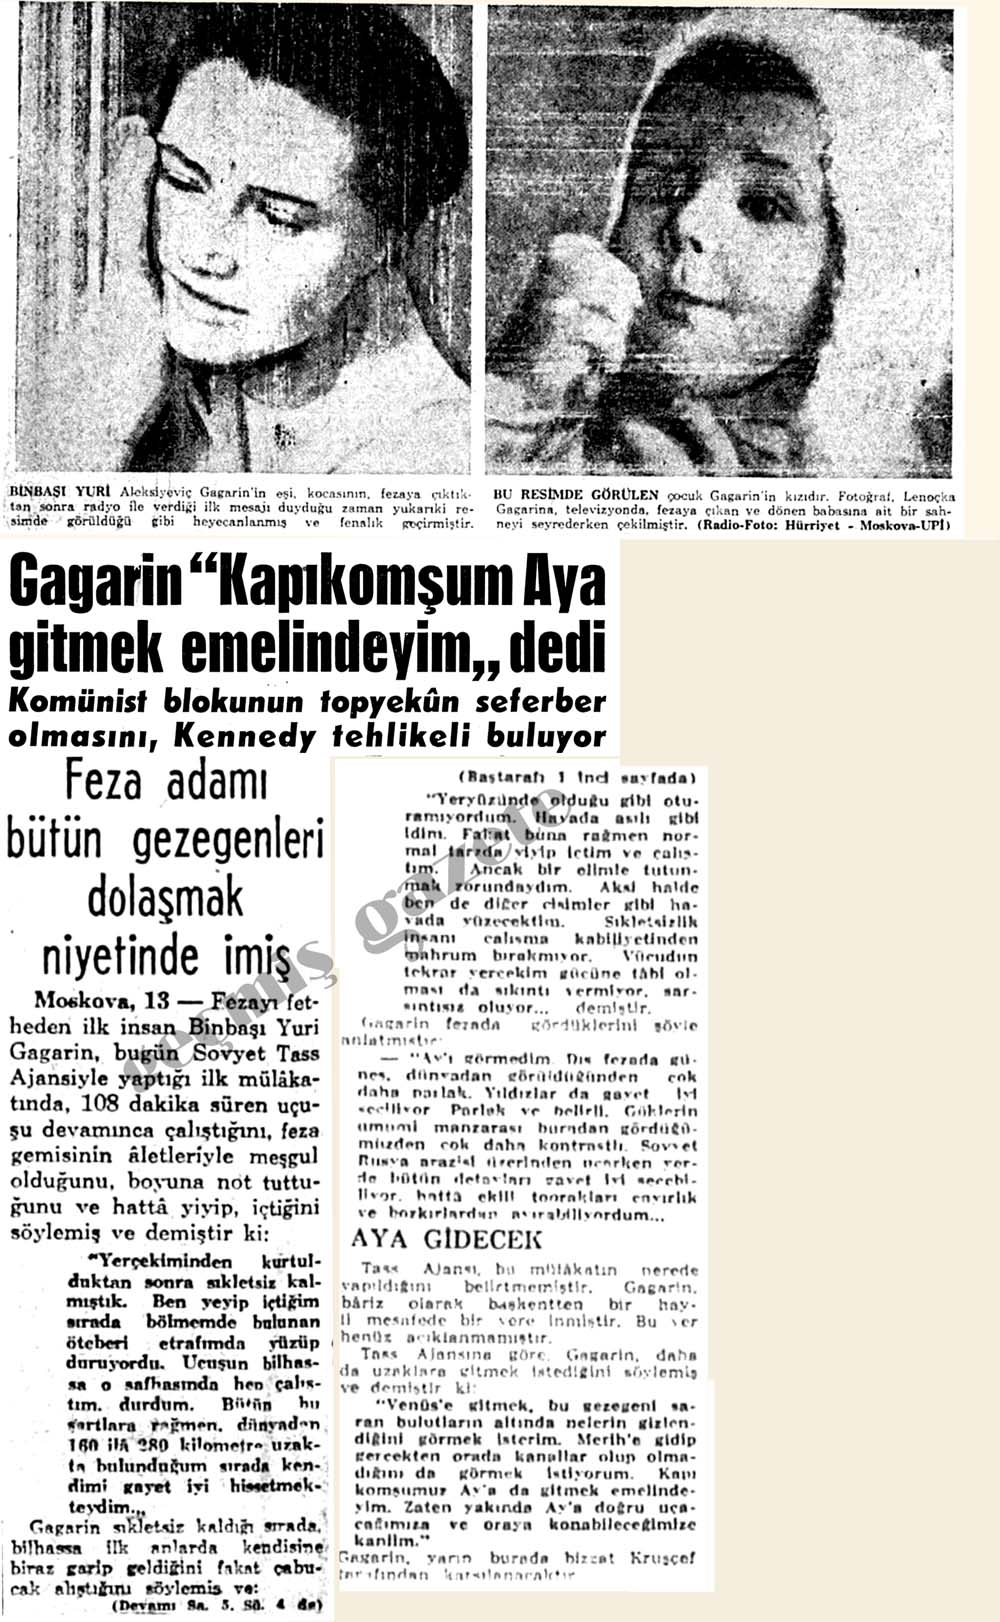 """Gagarin """"Kapıkomşum Aya gitmek emelindeyim"""" dedi"""